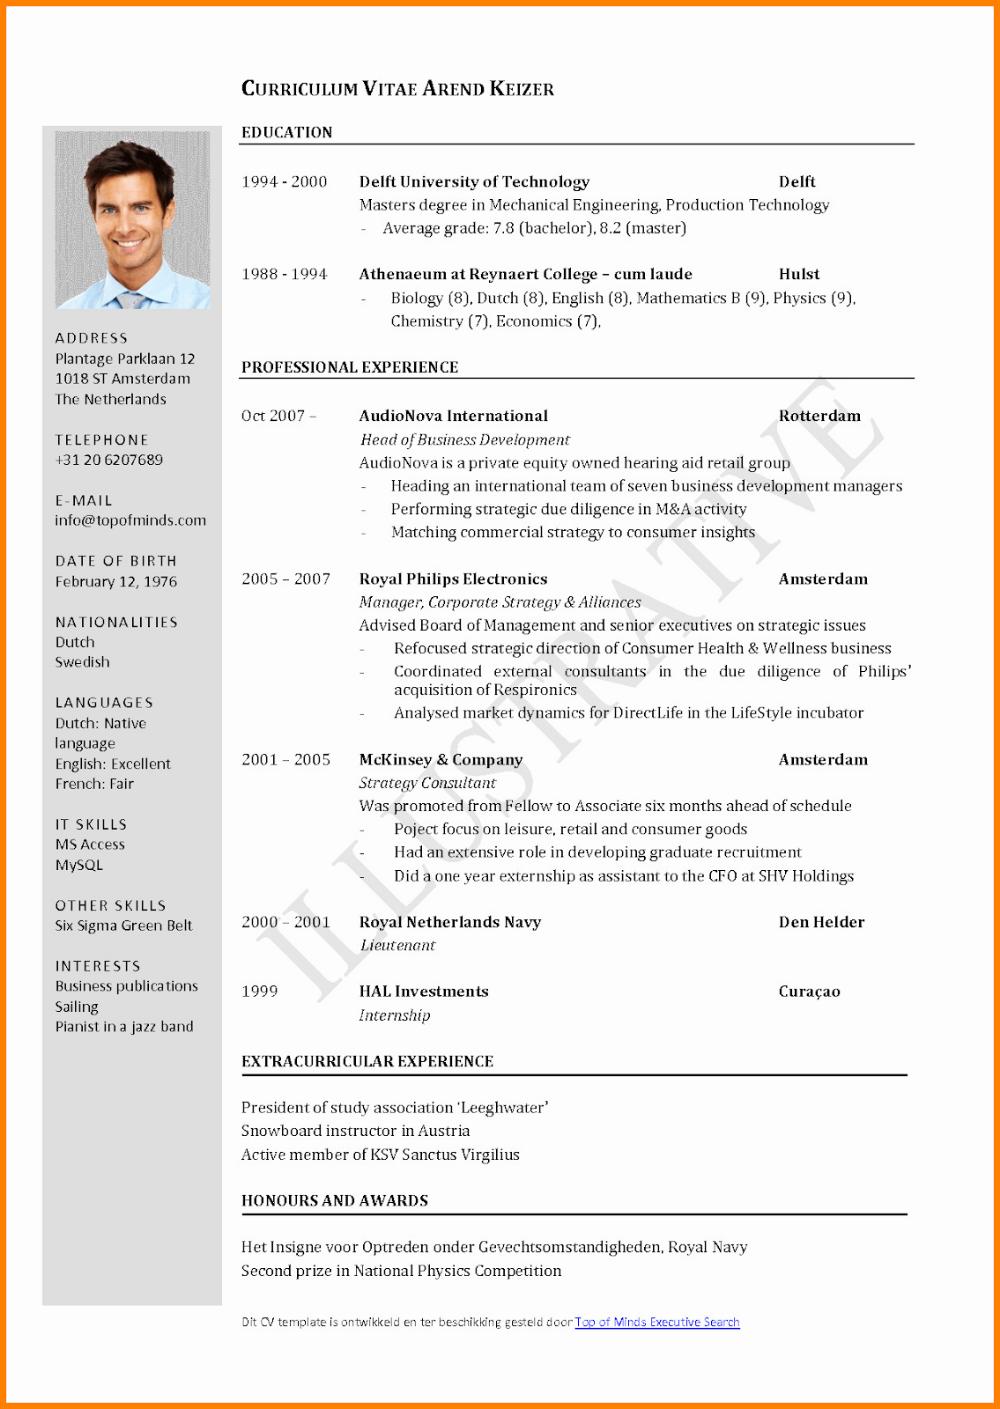 Biodata Model Download Biodata Format Download For Marriage Biodata Format Download Free Biodata For Sample Resume Format Curriculum Vitae Format Resume Format